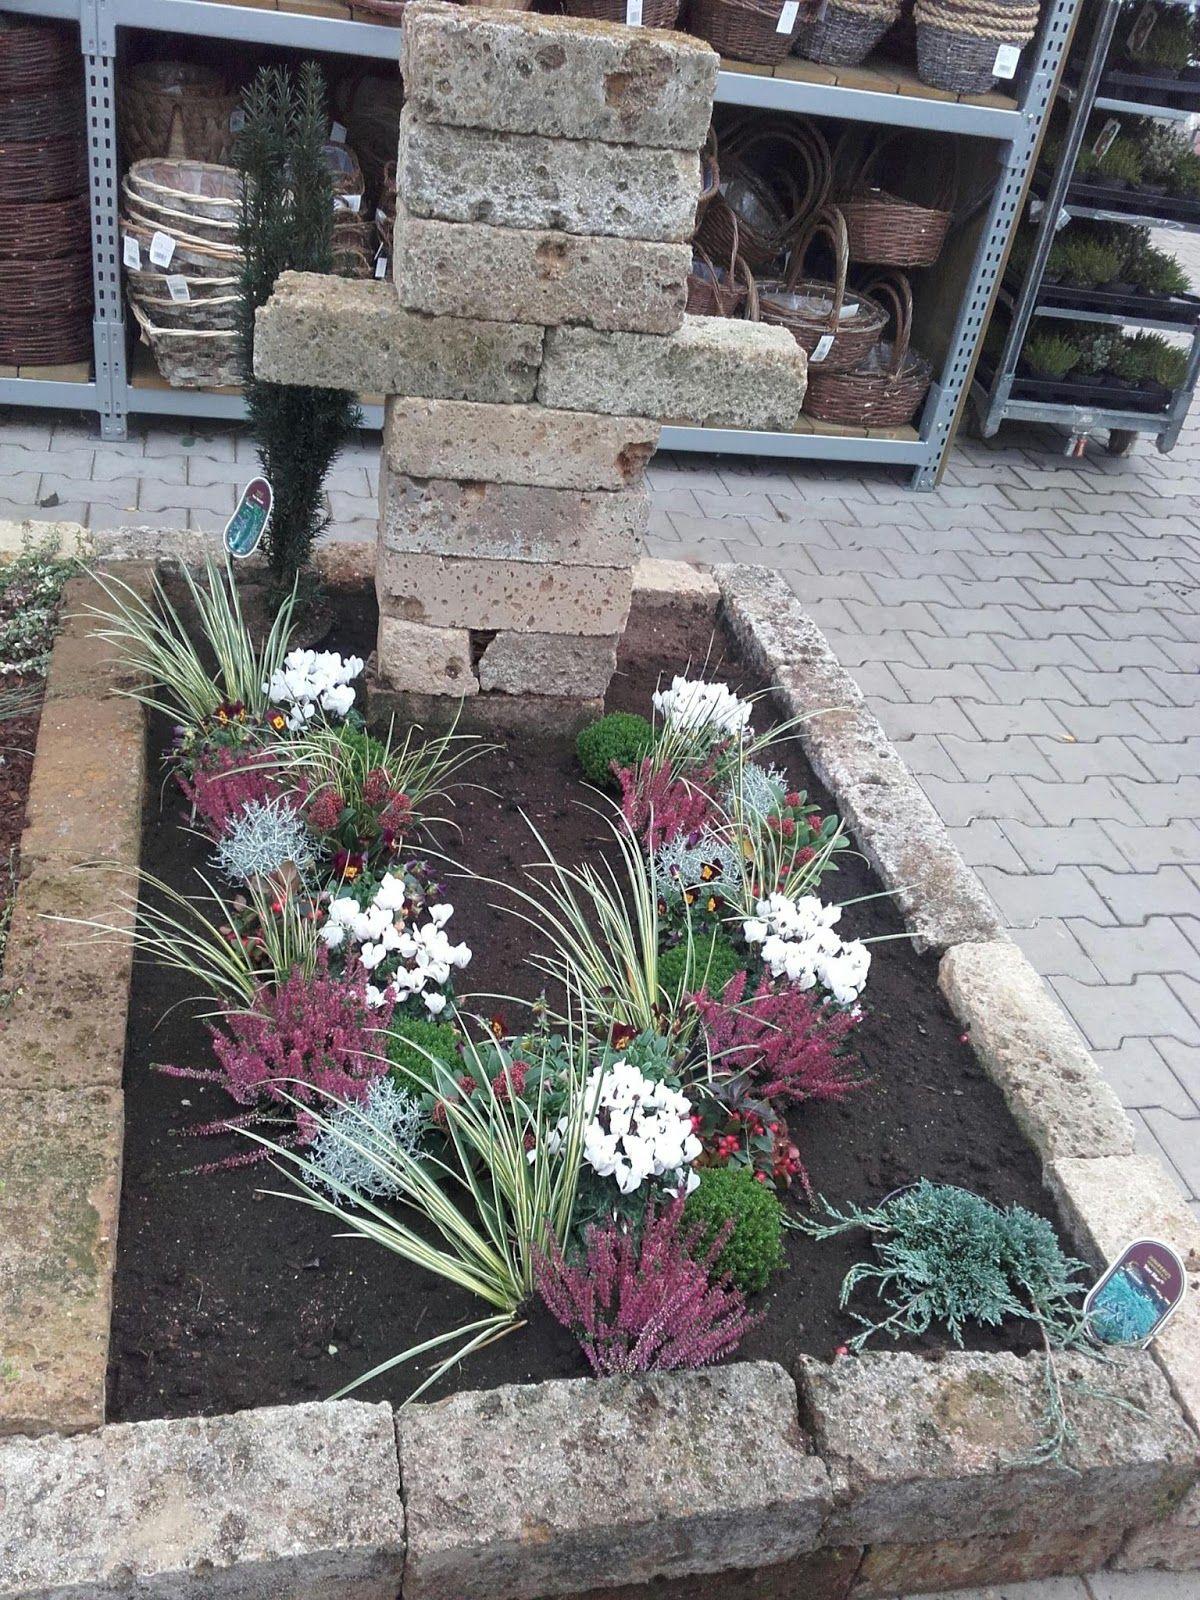 bildergebnis f r allerheiligen bepflanzung nasadi pinterest bepflanzung grabgestaltung. Black Bedroom Furniture Sets. Home Design Ideas